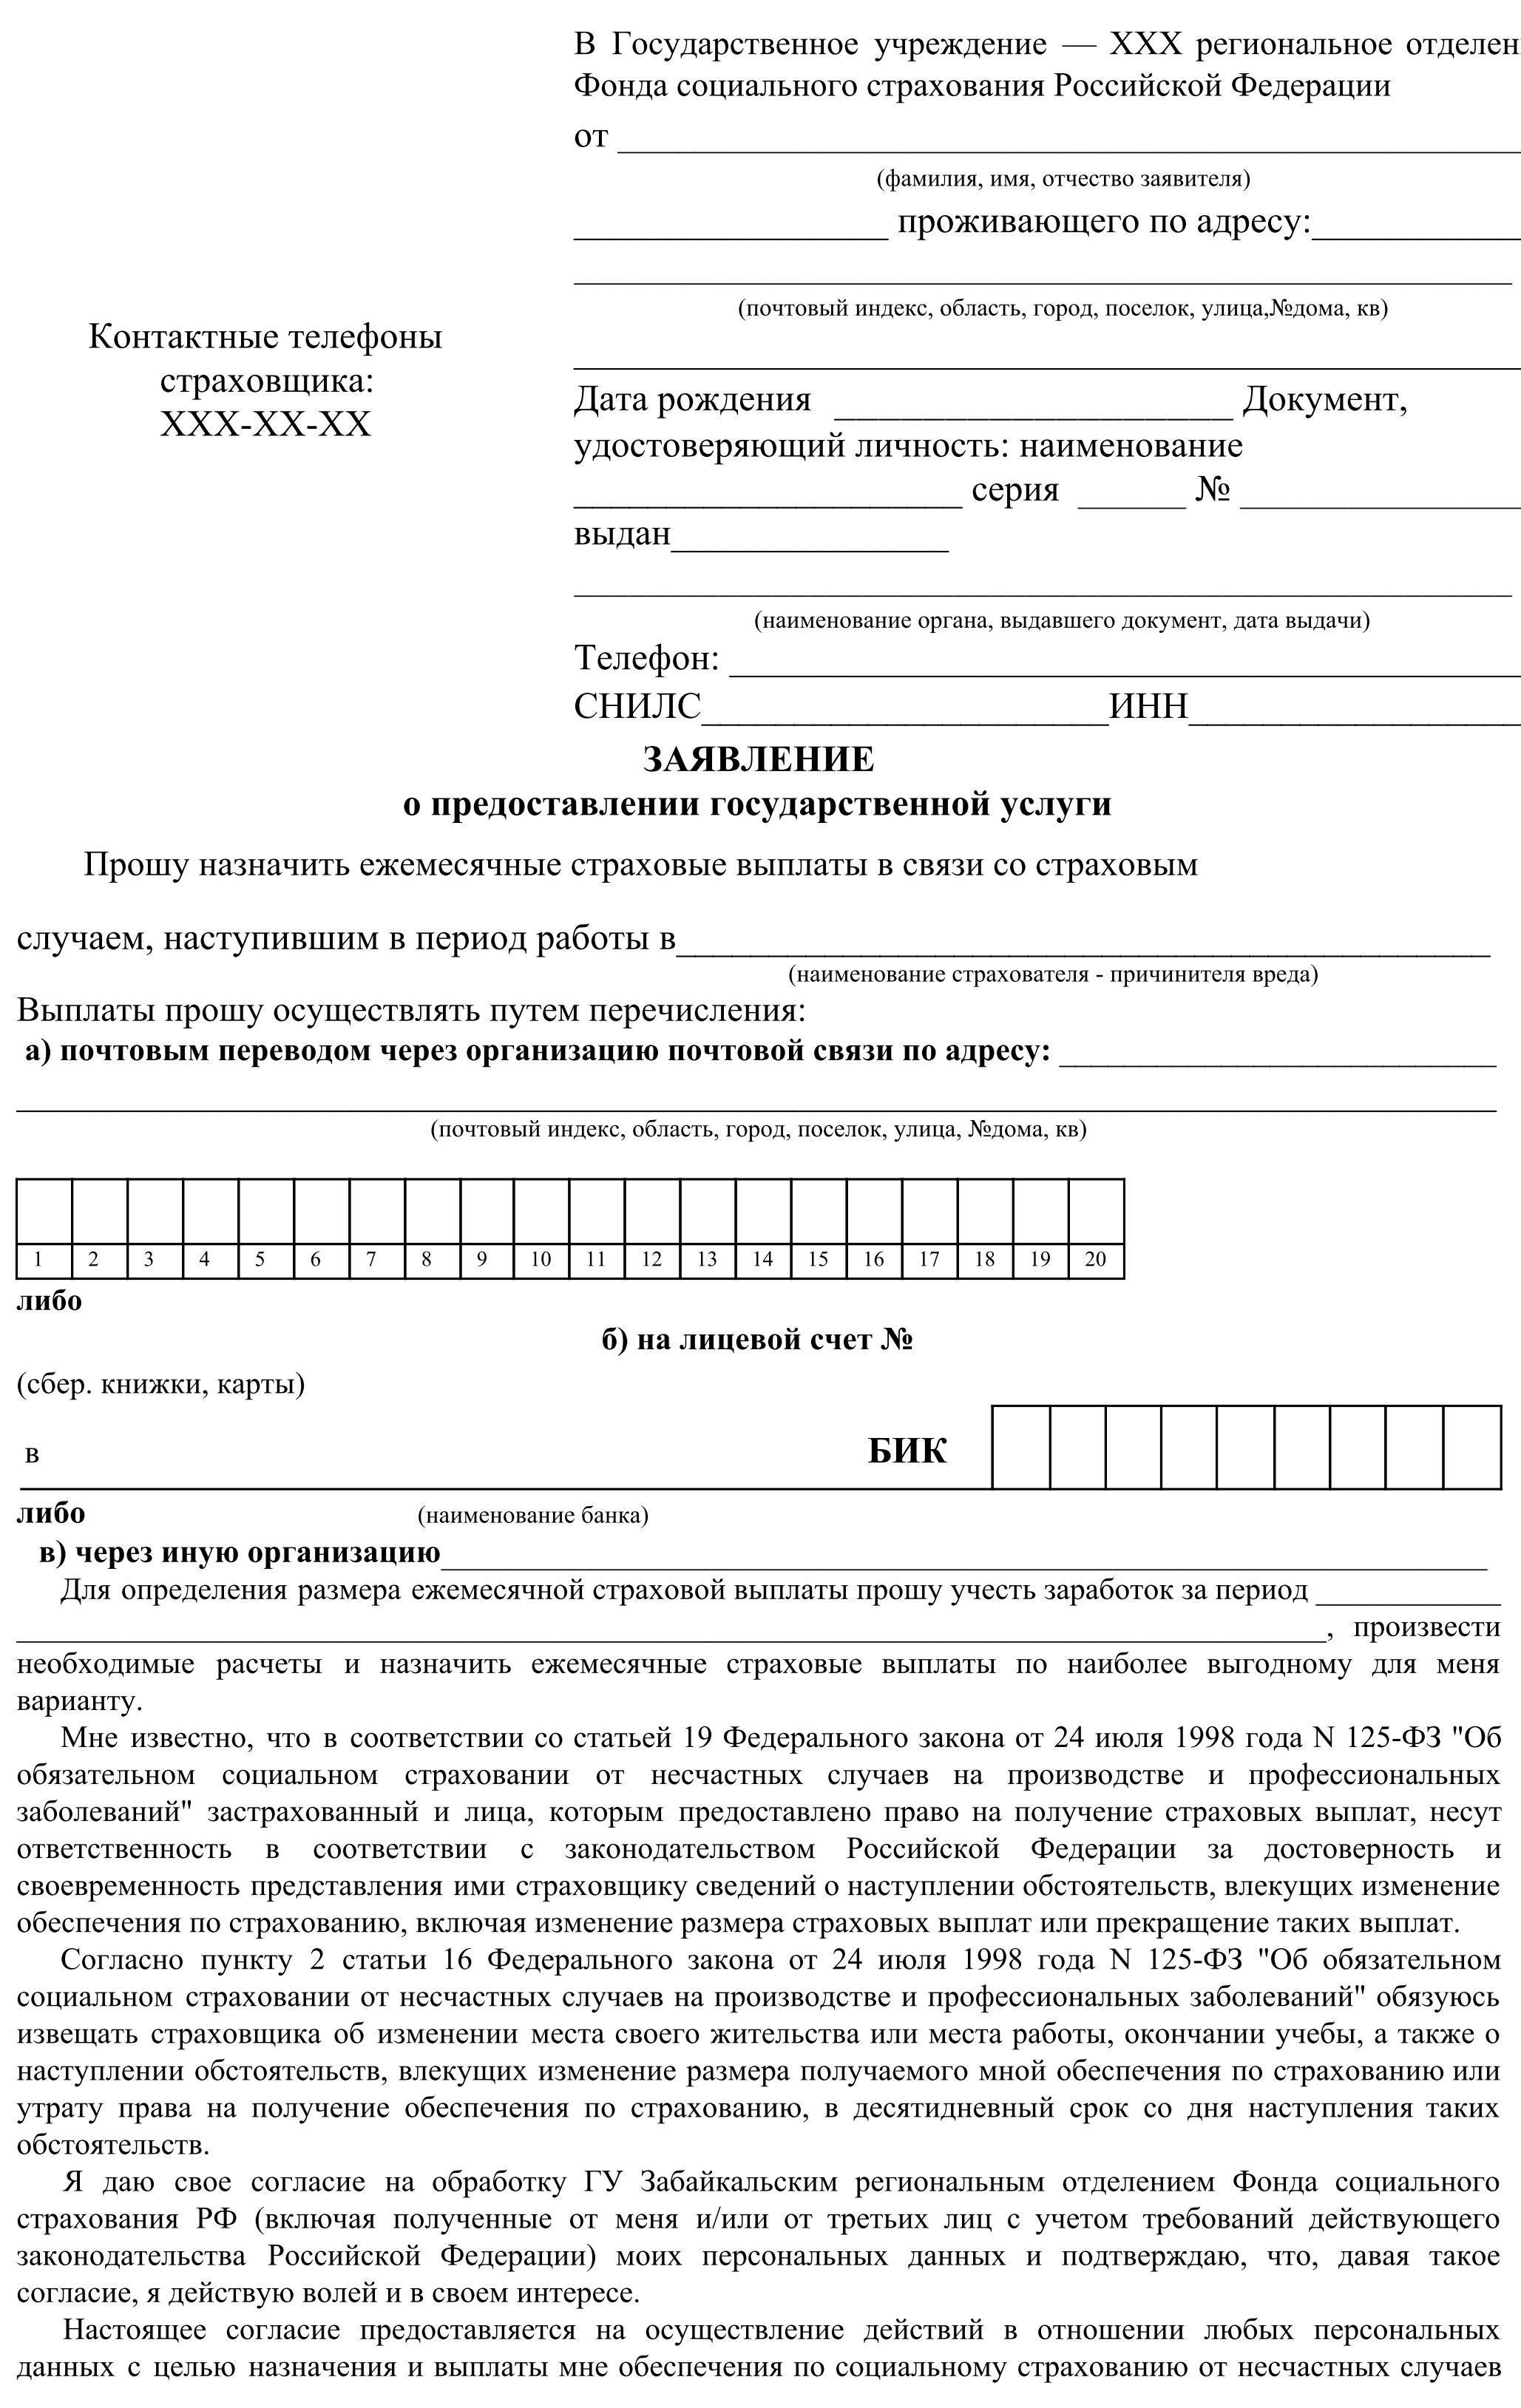 Образец заполнения декларации при возврате процентов по ипотеке